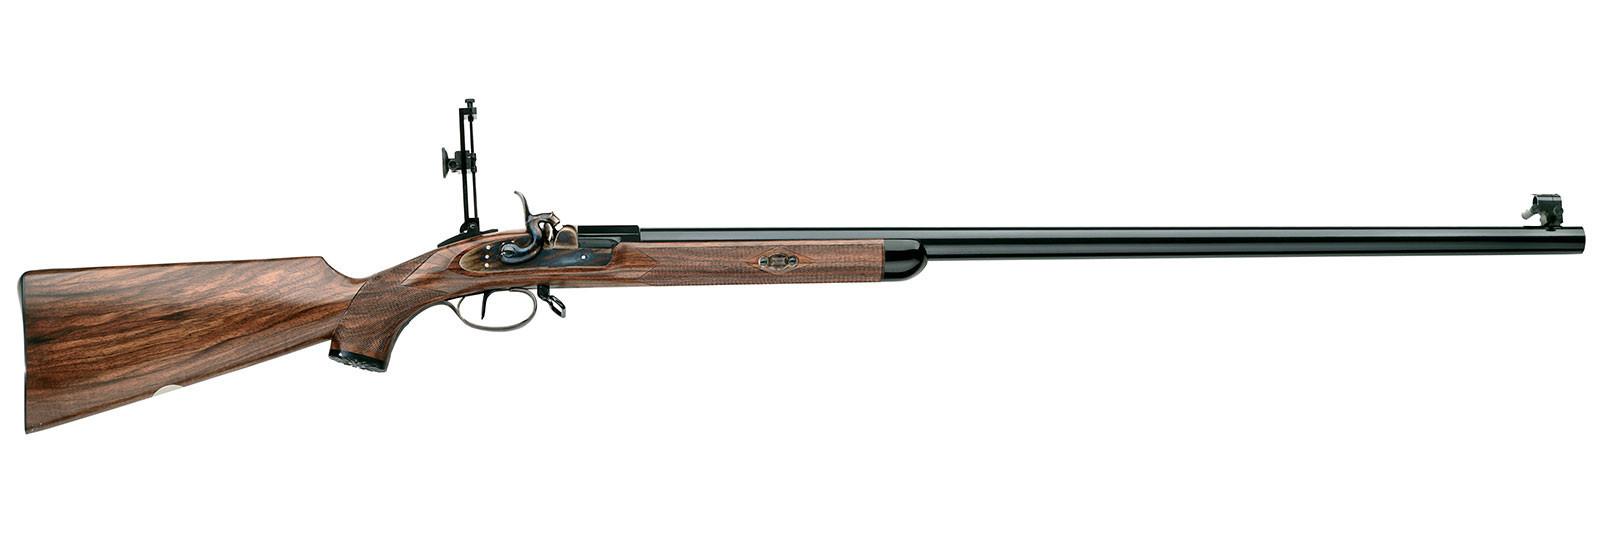 Gibbs Rifle